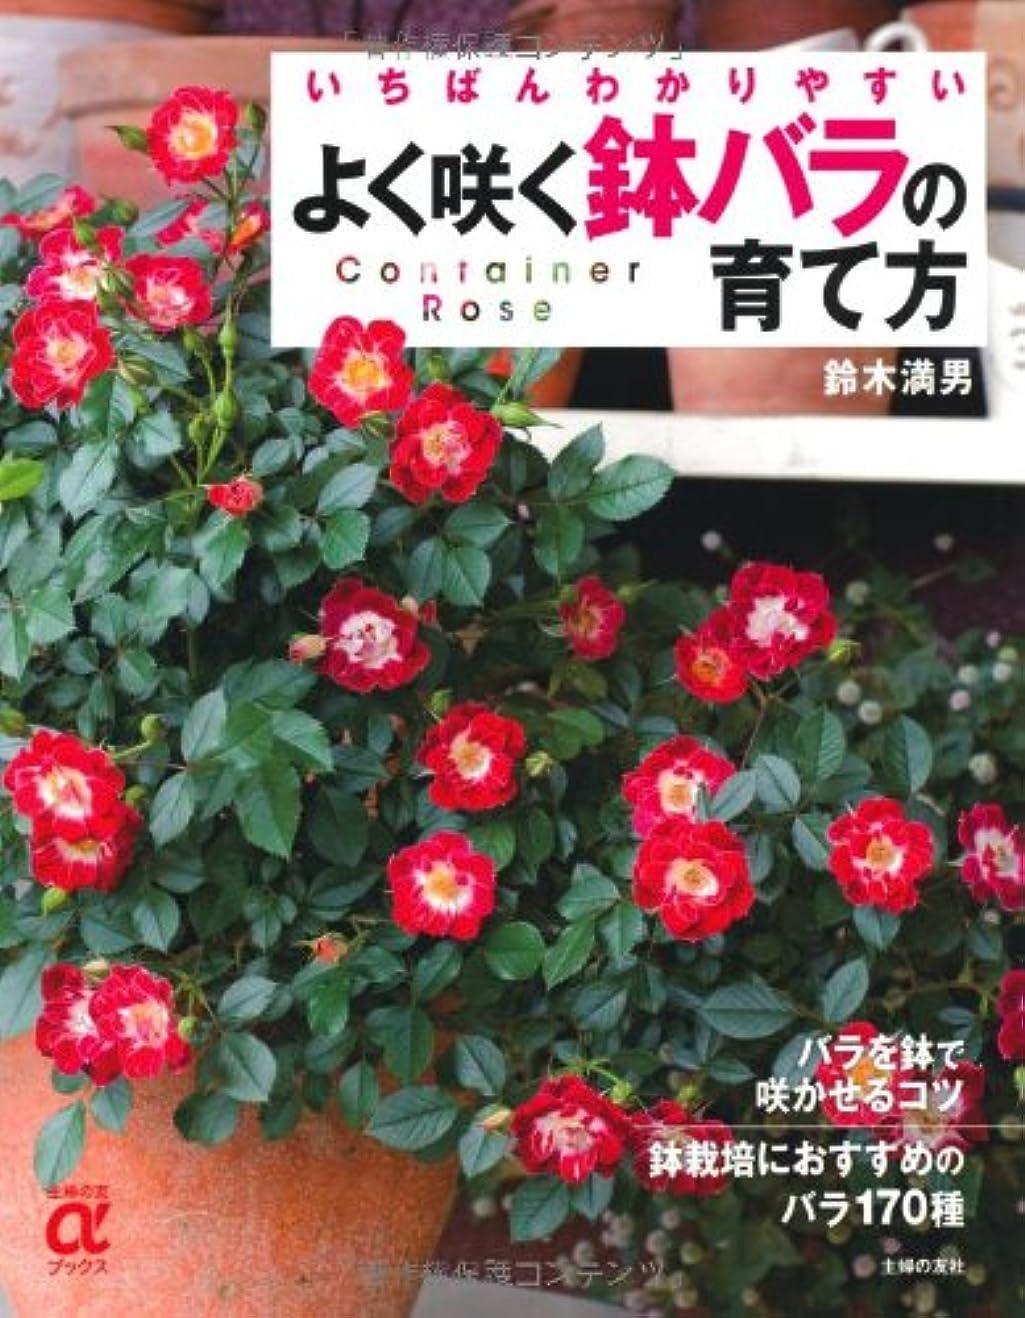 読み書きのできない受け入れるスクラップよく咲く鉢バラの育て方―いちばんわかりやすい (主婦の友αブックス)